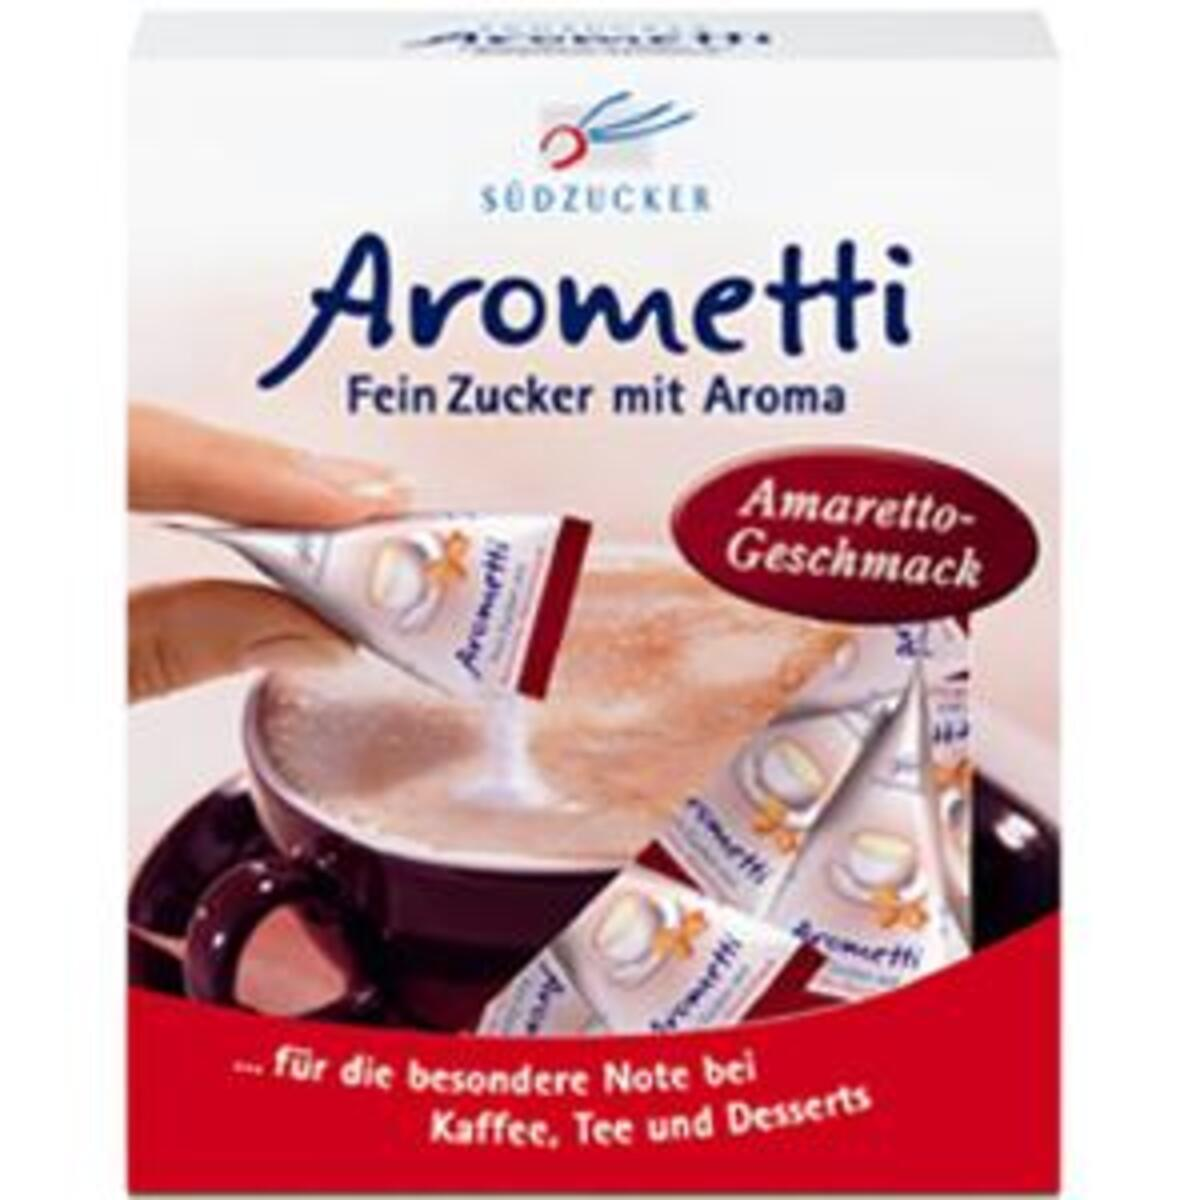 Bild 2 von Südzucker Arometti Amaretto 25x 4 g